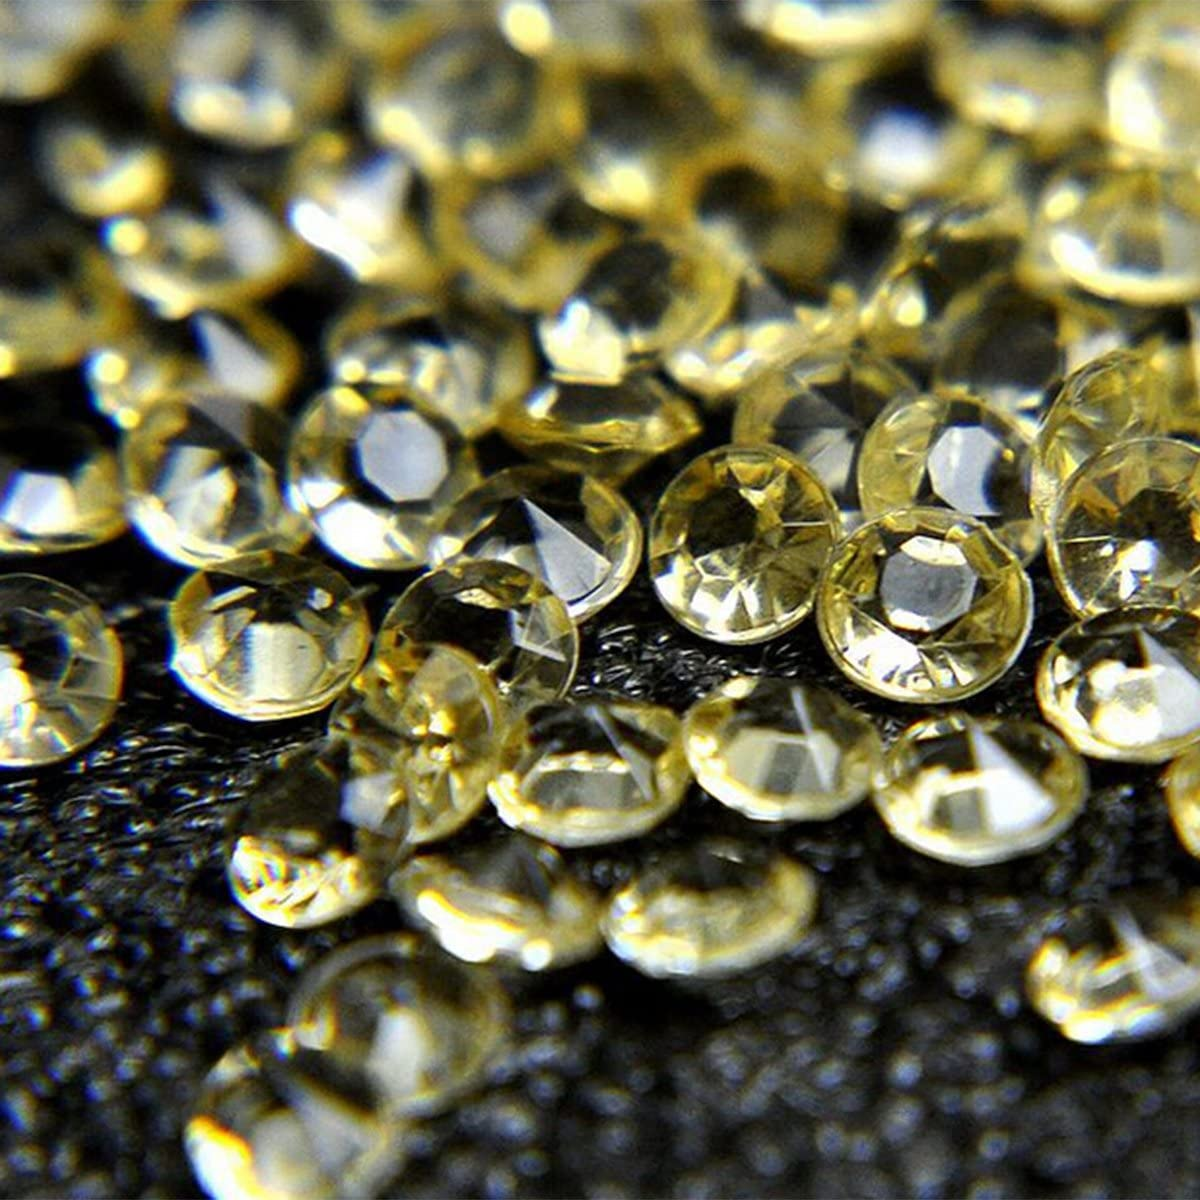 regalo di San Valentino diamanti in acrilico Evilandat Dark green dimensione 4,5/mm Acrilico forniture di nozze confezione da 5.000 pezzi cristalli in plastica multicolore